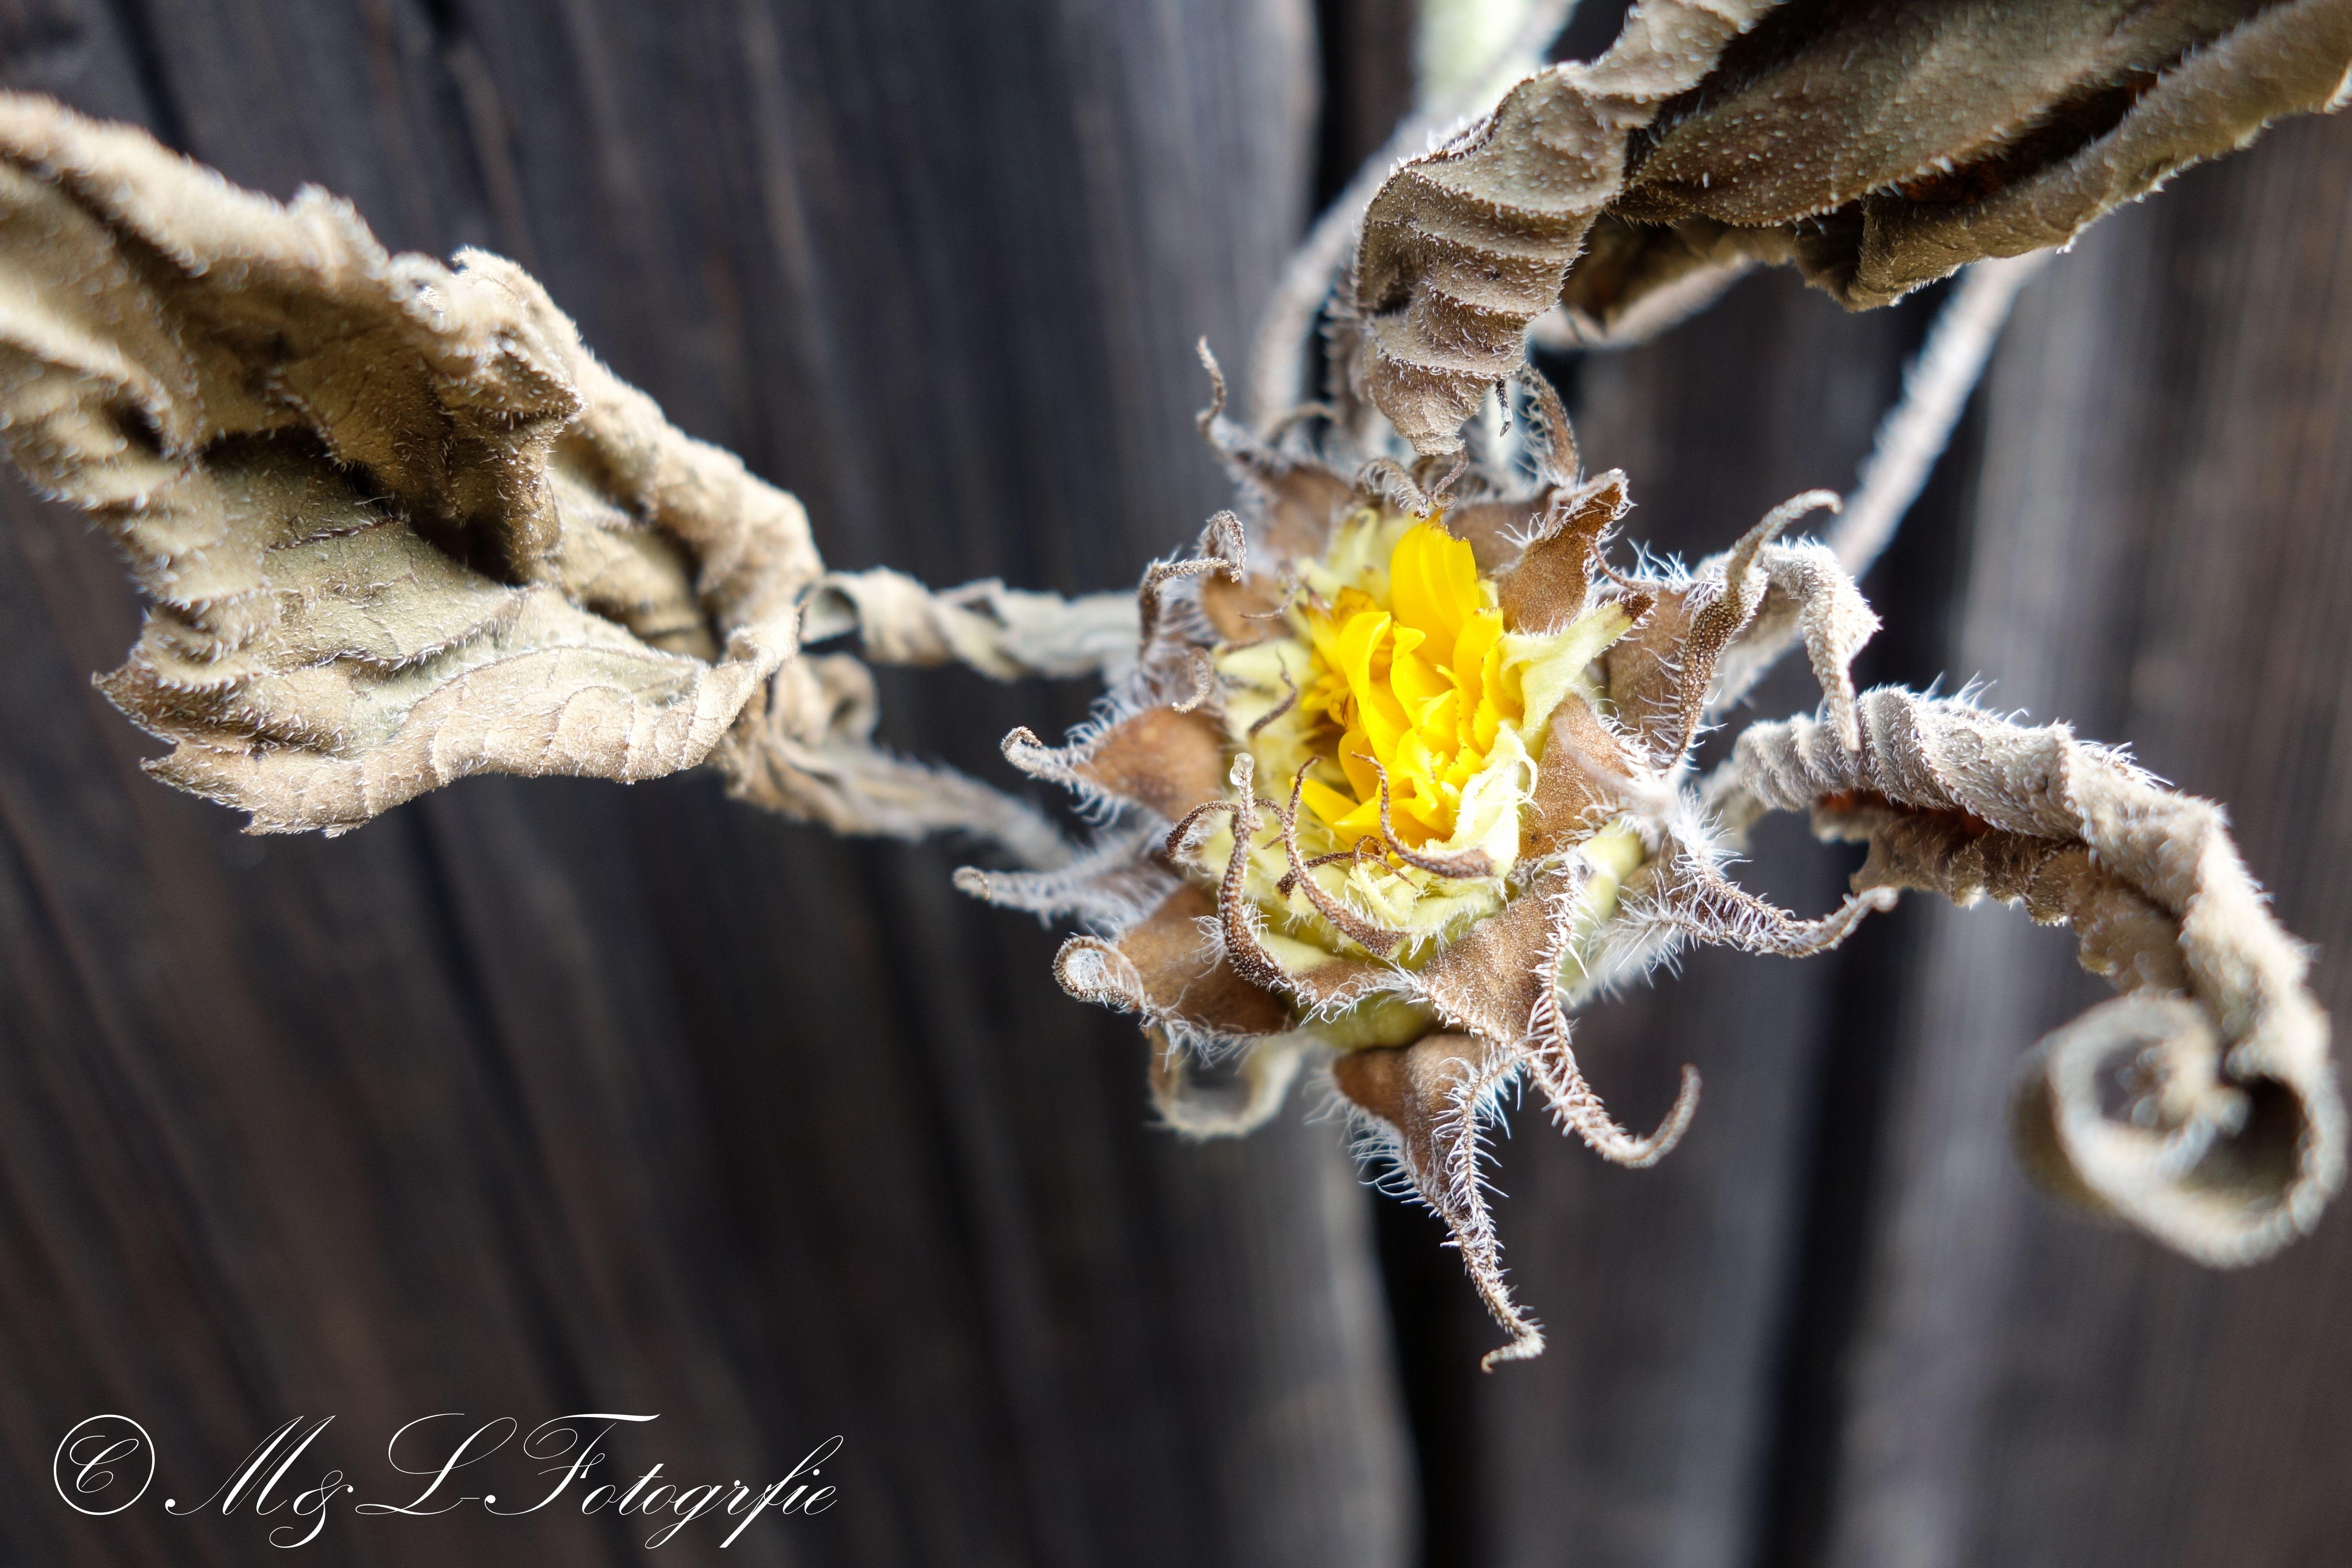 Ich Hoffe Euch Gefallt Mein Bild Es Zeigt Eine Sonnenblumenblute Bei Frostigen Temperaturen Lg Lukas